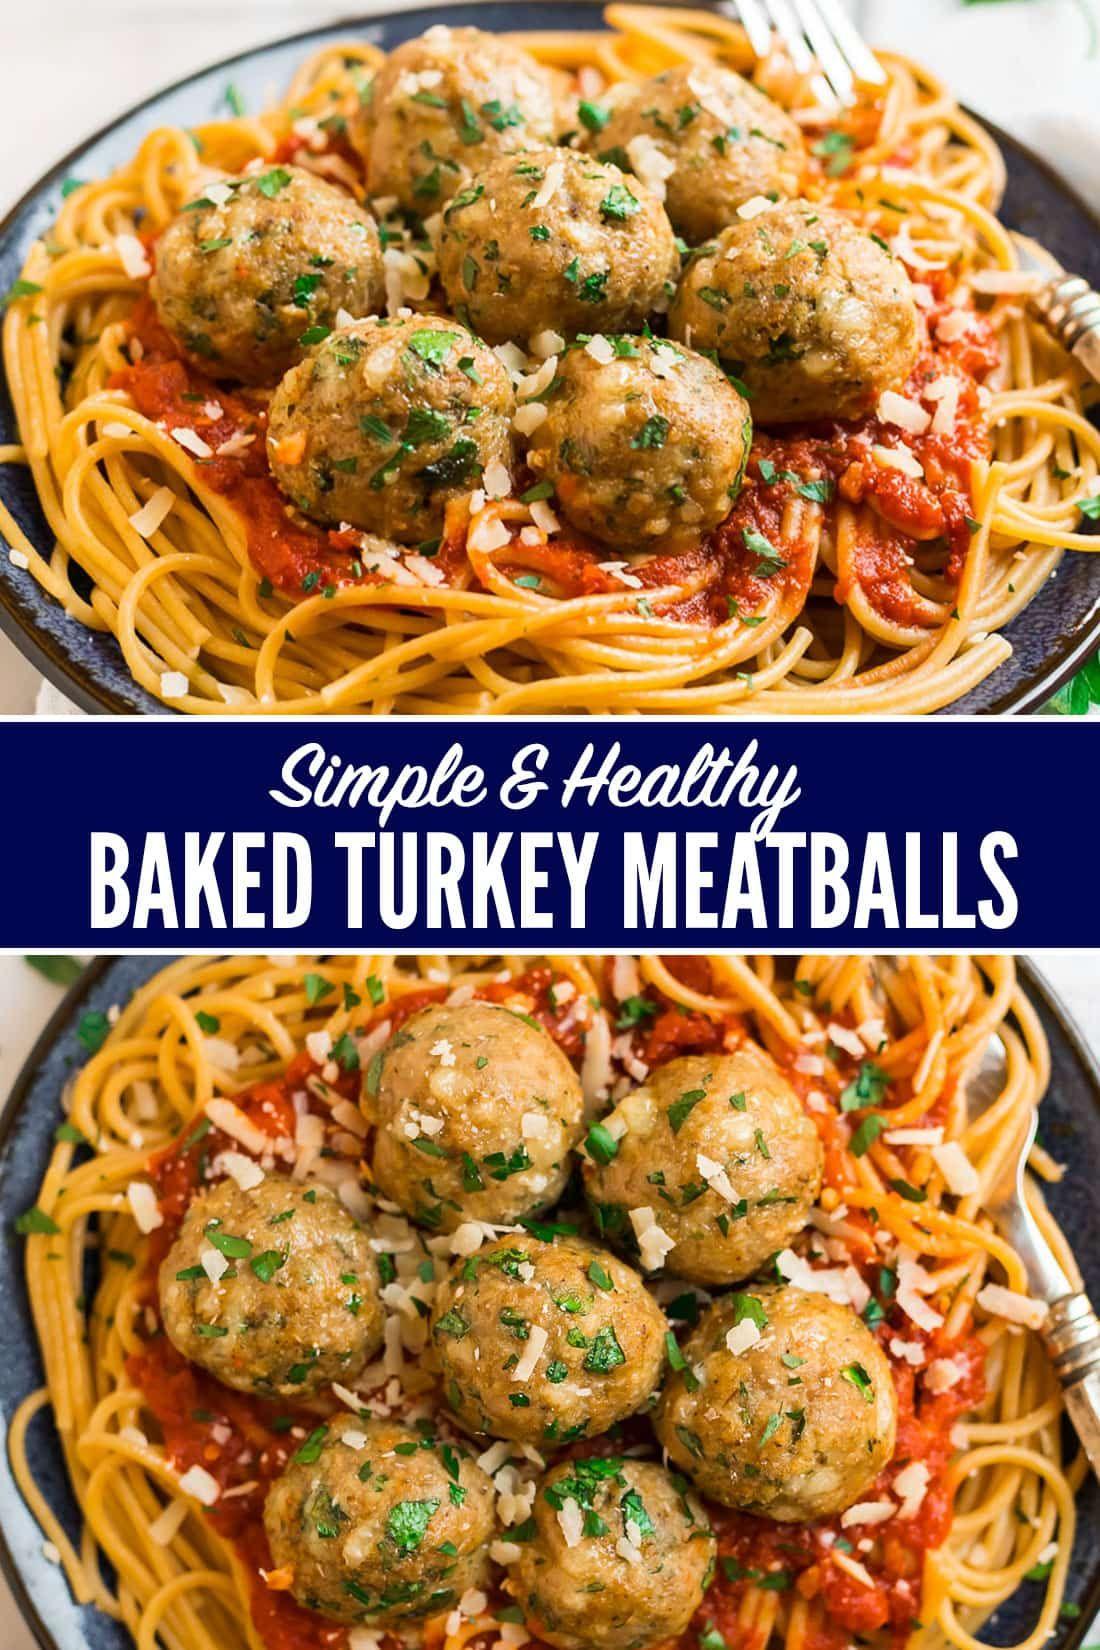 Photo of Baked Turkey Meatballs